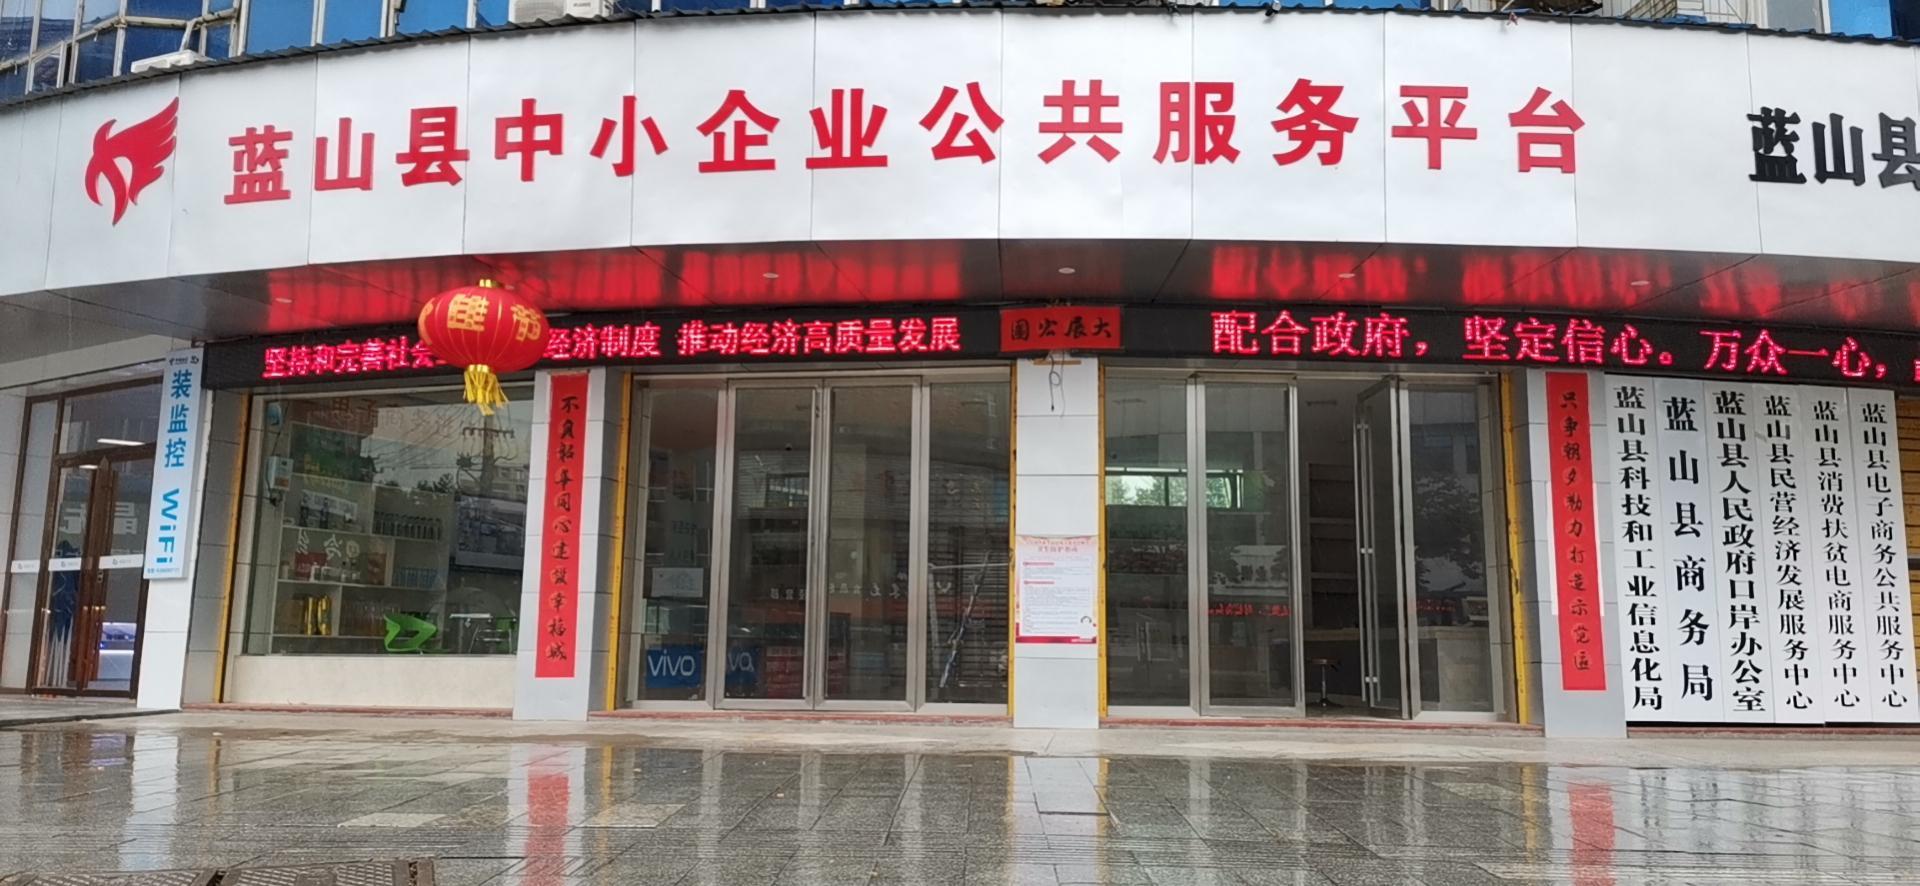 蓝山湘韵企业管理服务有限公司